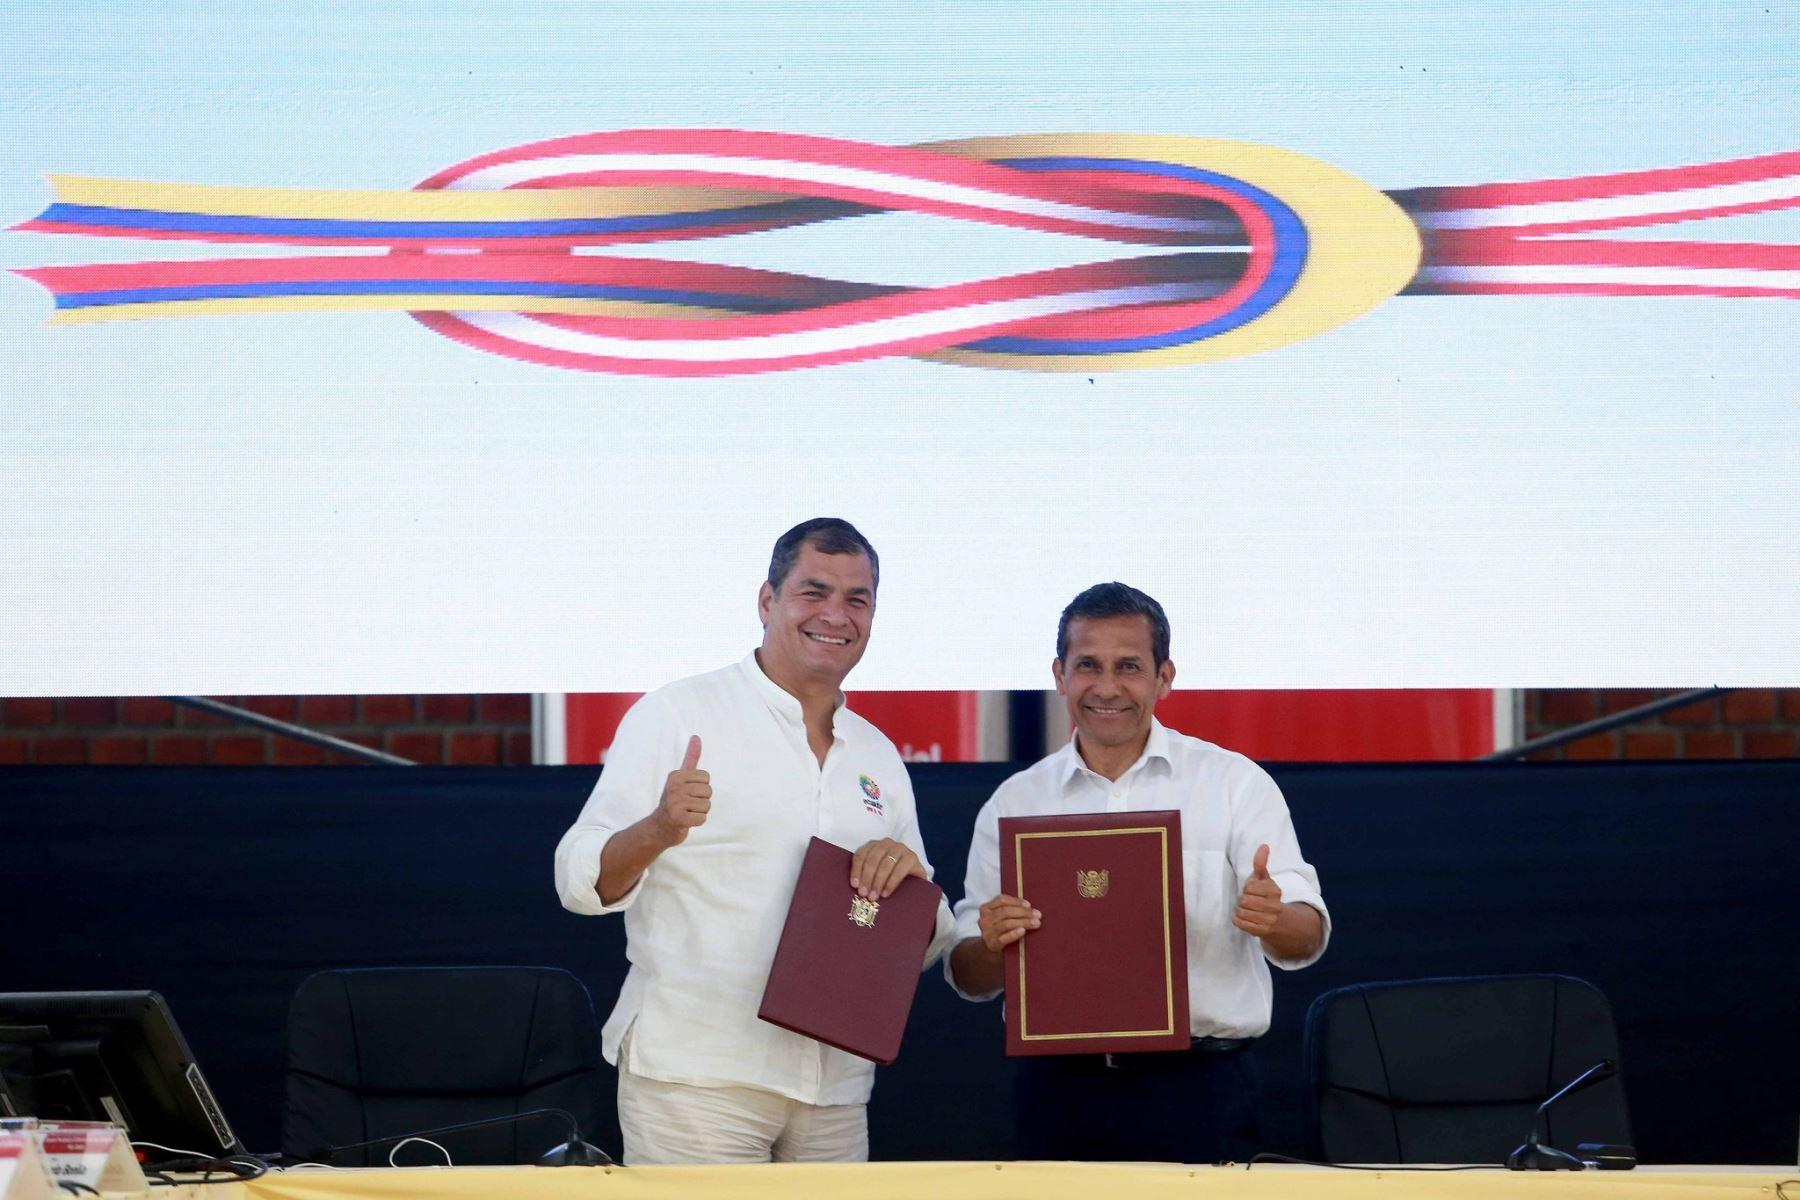 Presidentes de Perú, Ollanta Humala, y de Ecuador, Rafael Correa, en IX Gabinete Binacional.